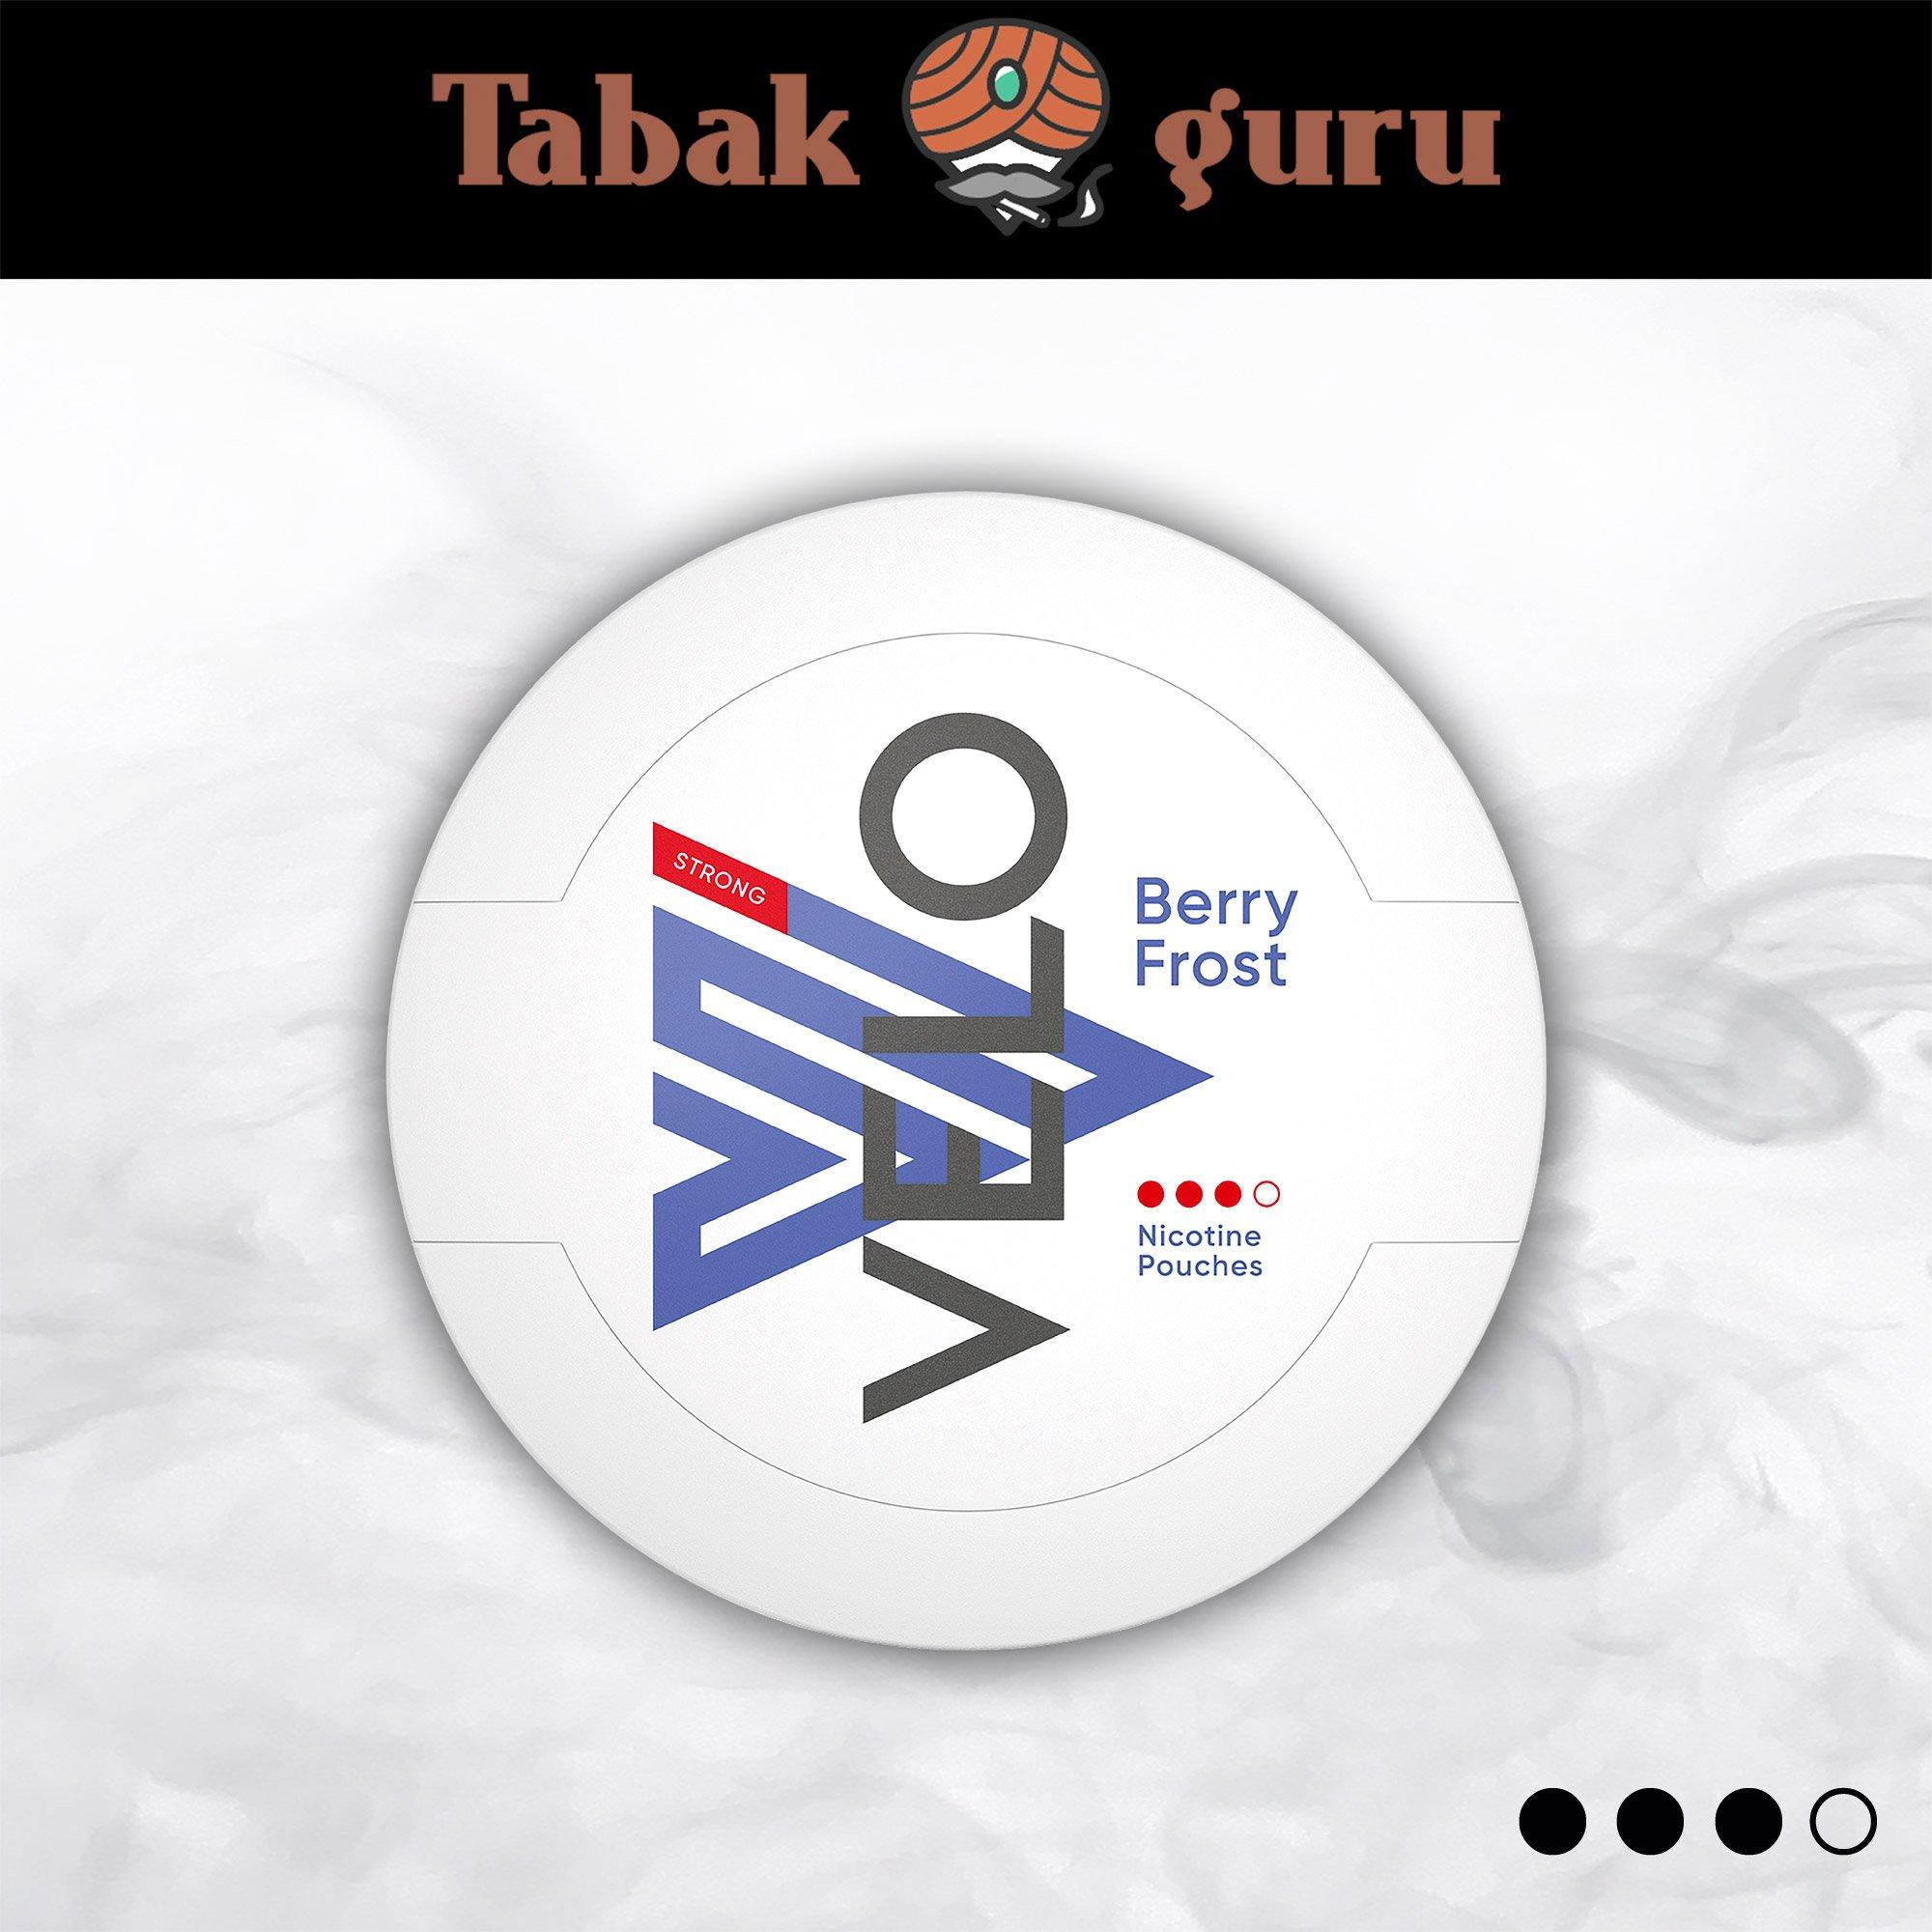 VELO Berry Frost Strong Aromatisch beerig Kautabak Intensität 3